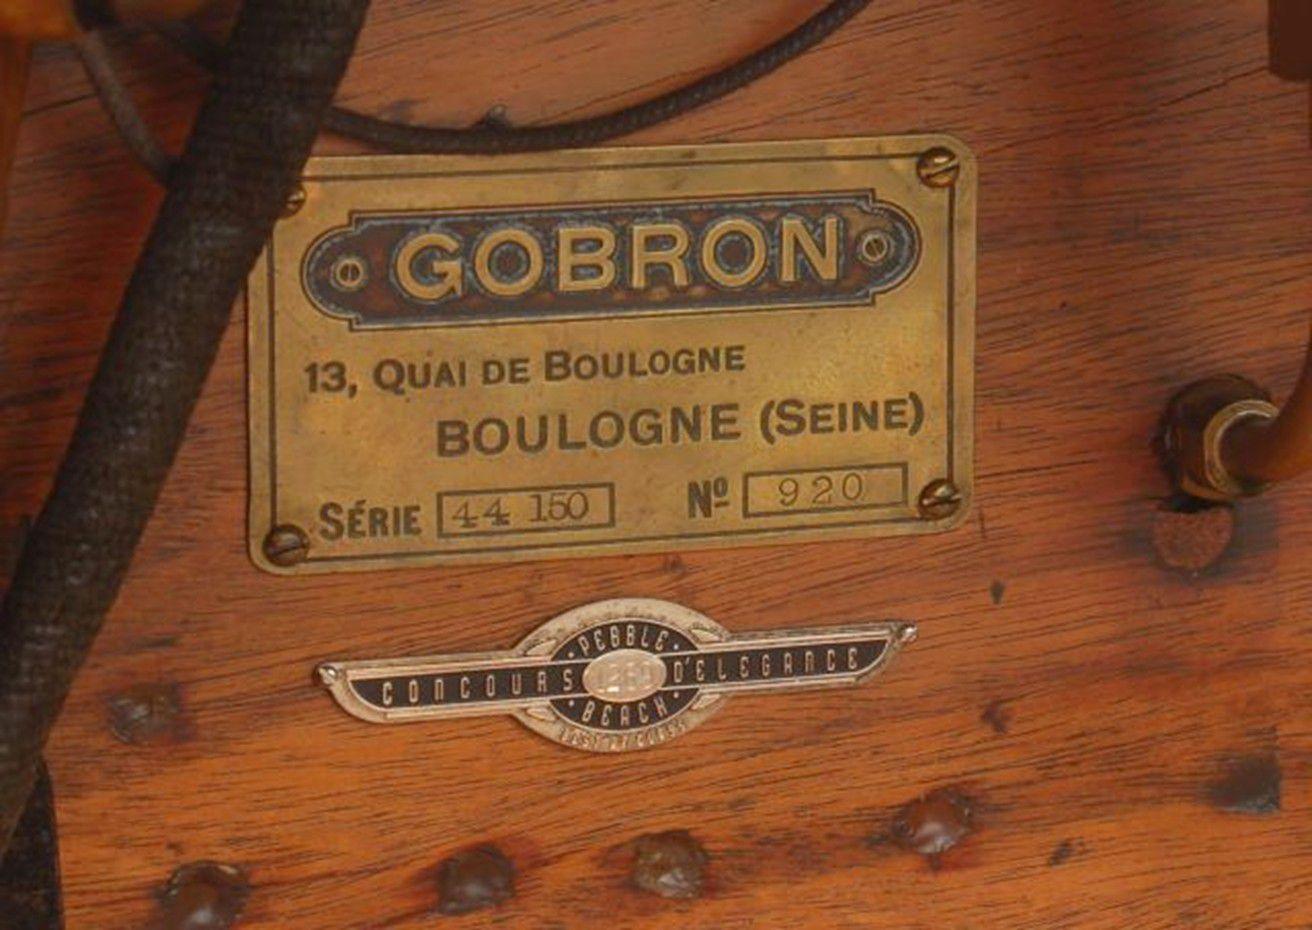 VOITURES DE LEGENDE (1240) : GOBRON-BRILLIE  12 CV ROTHSCHILD SKIFF TOURER - 1912